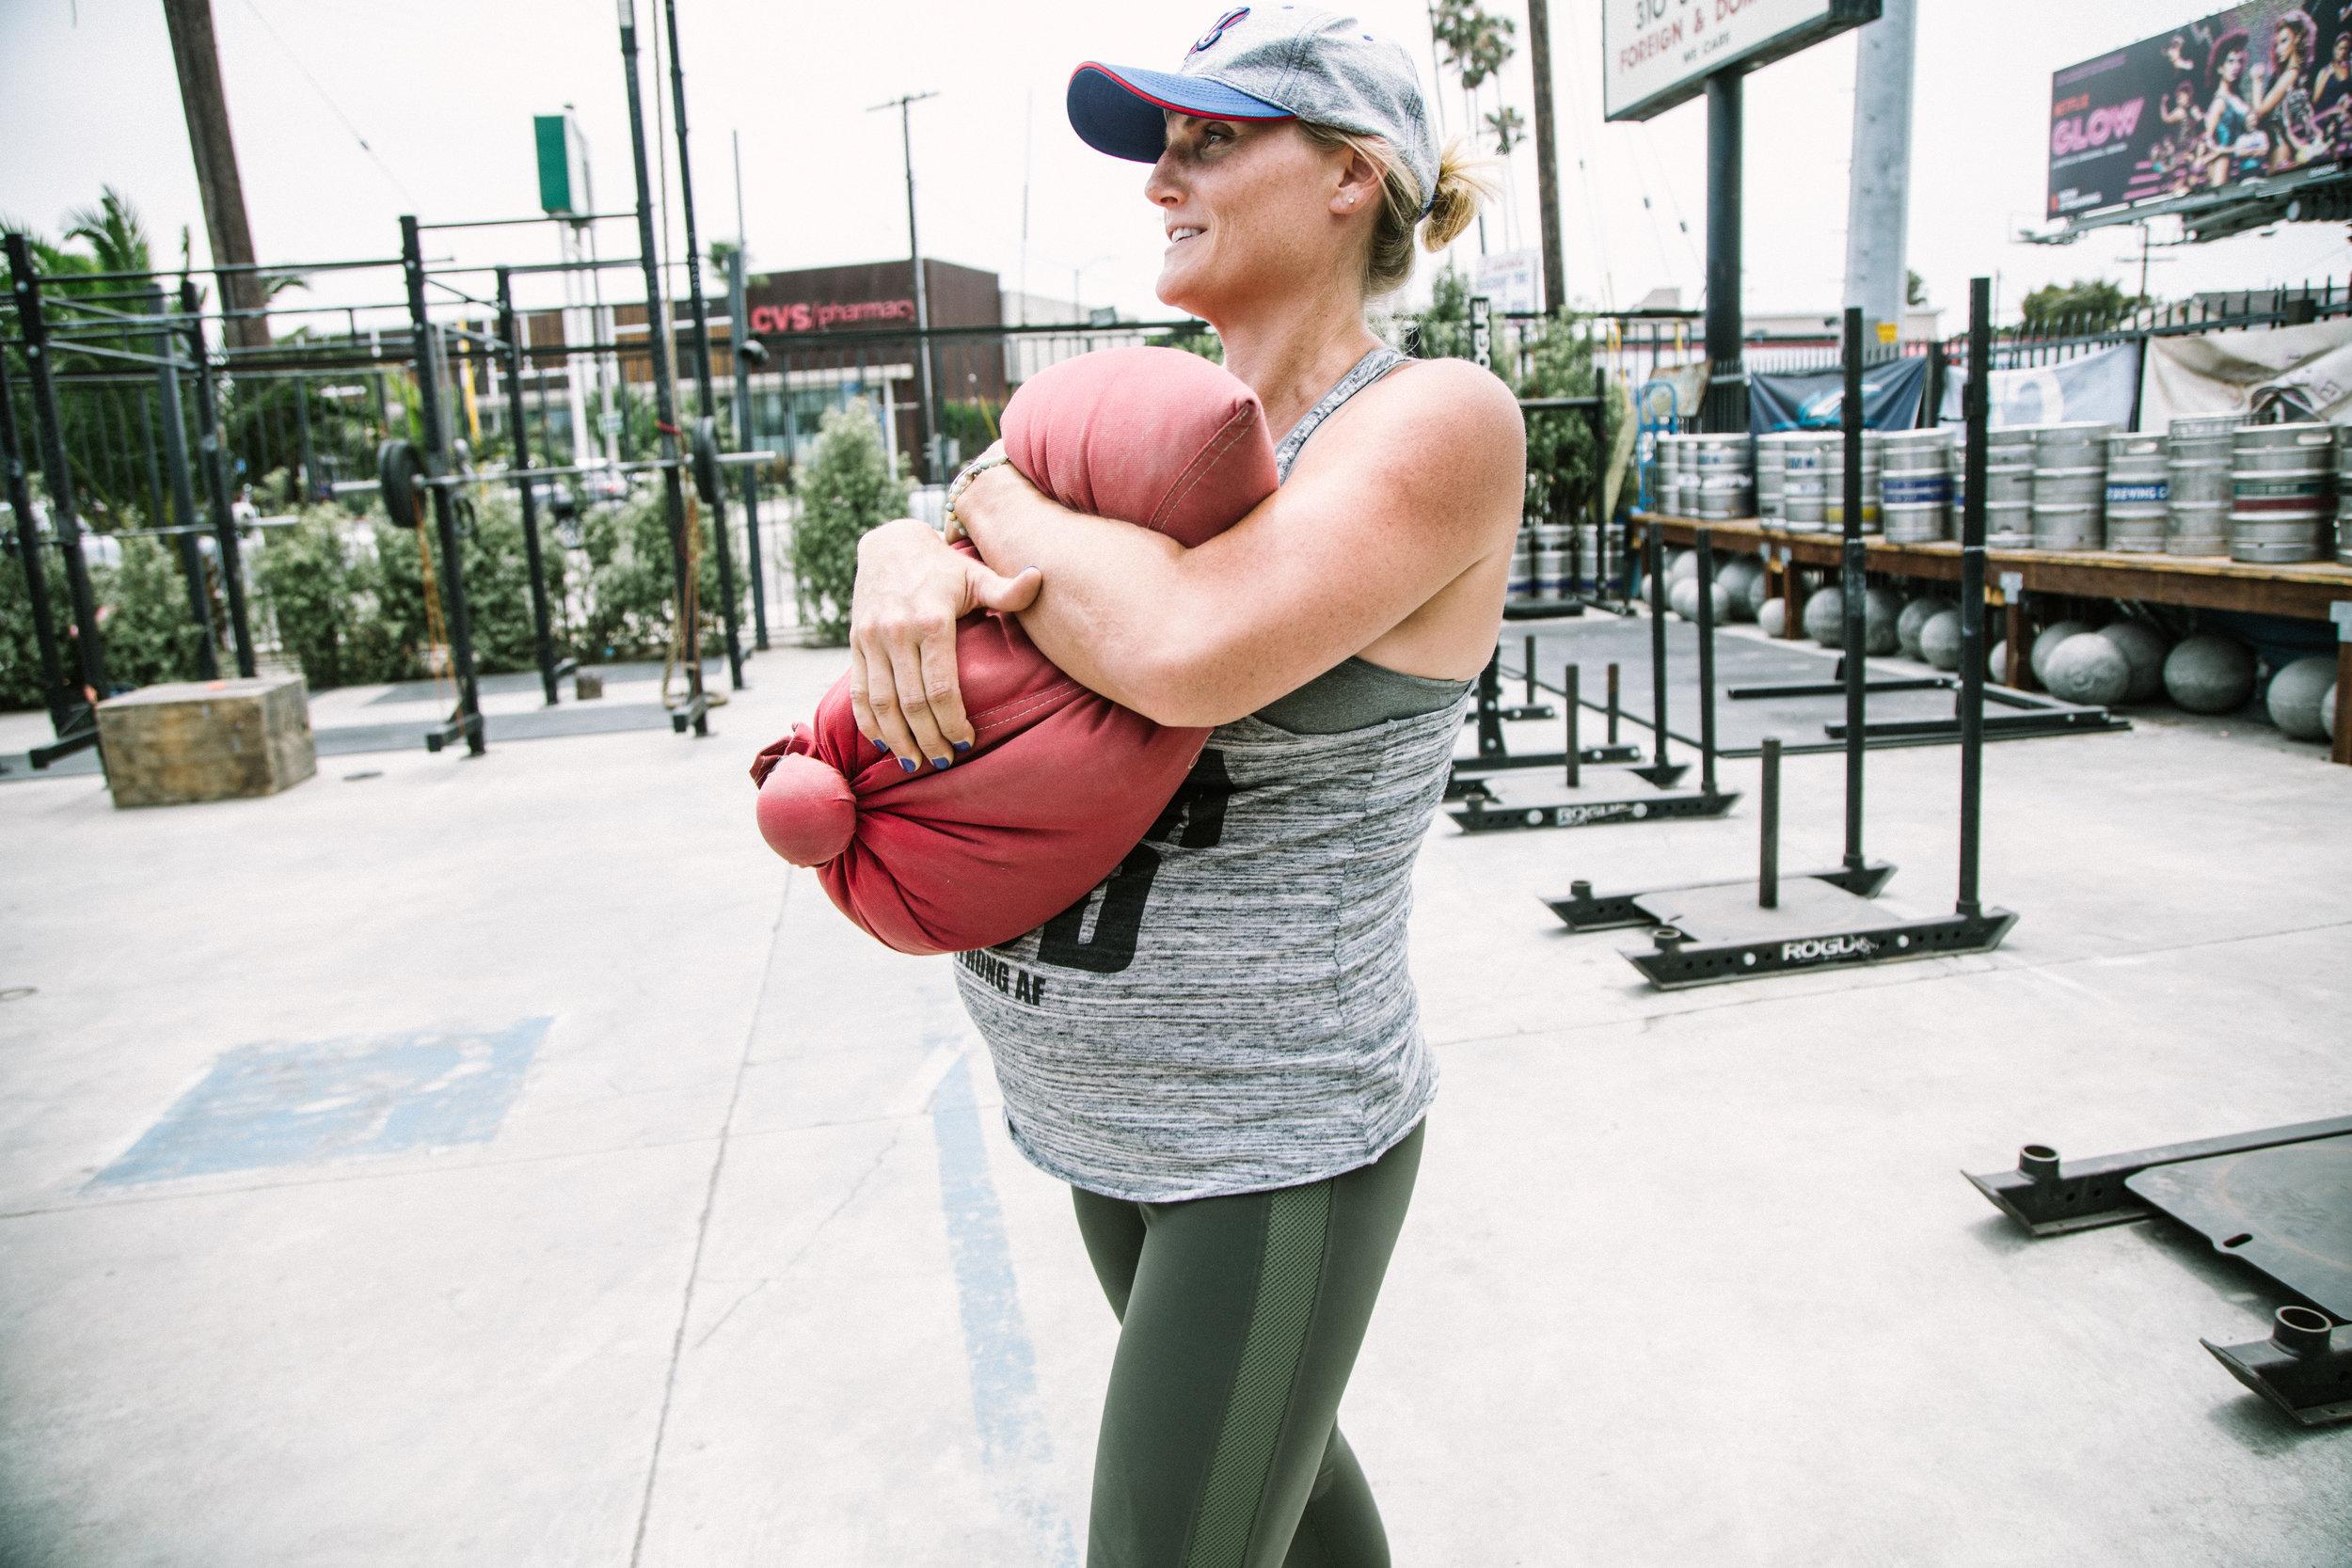 所有的压力,所有的动力,可以通过运动,提高身体效率,提高所有的力量,提高身体效率,以及所有的物理能力。